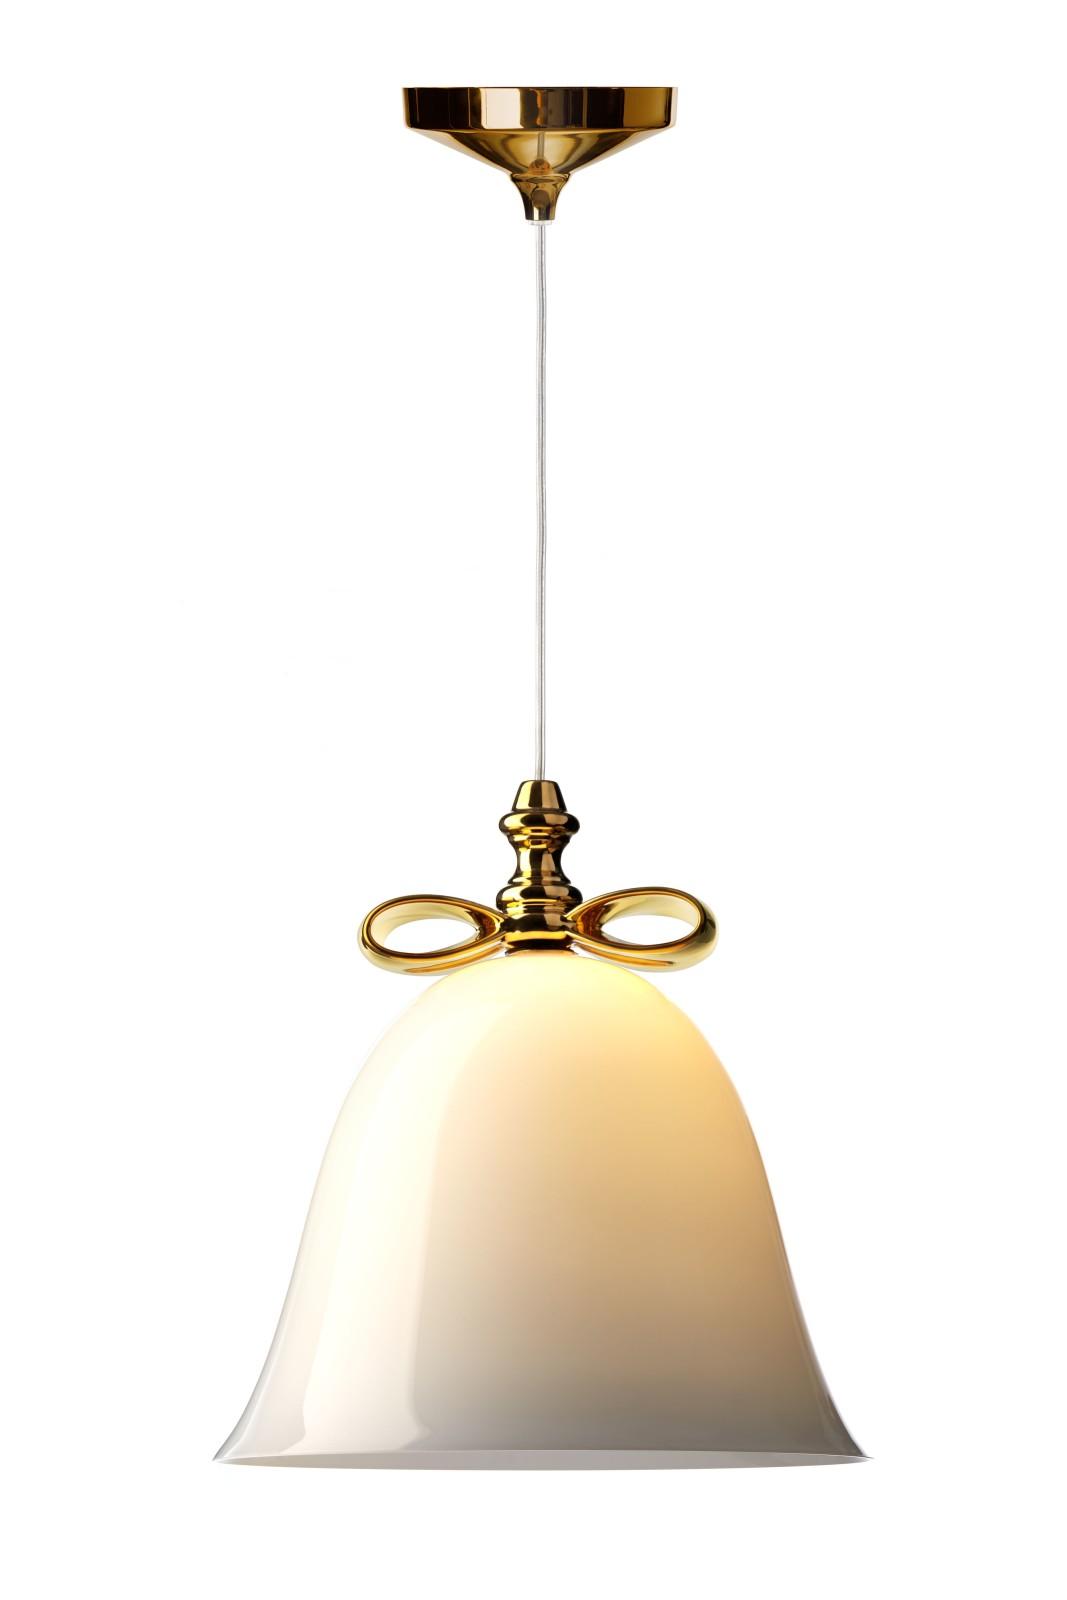 Bell Pendant Light White Shade, Golden Bow, Large